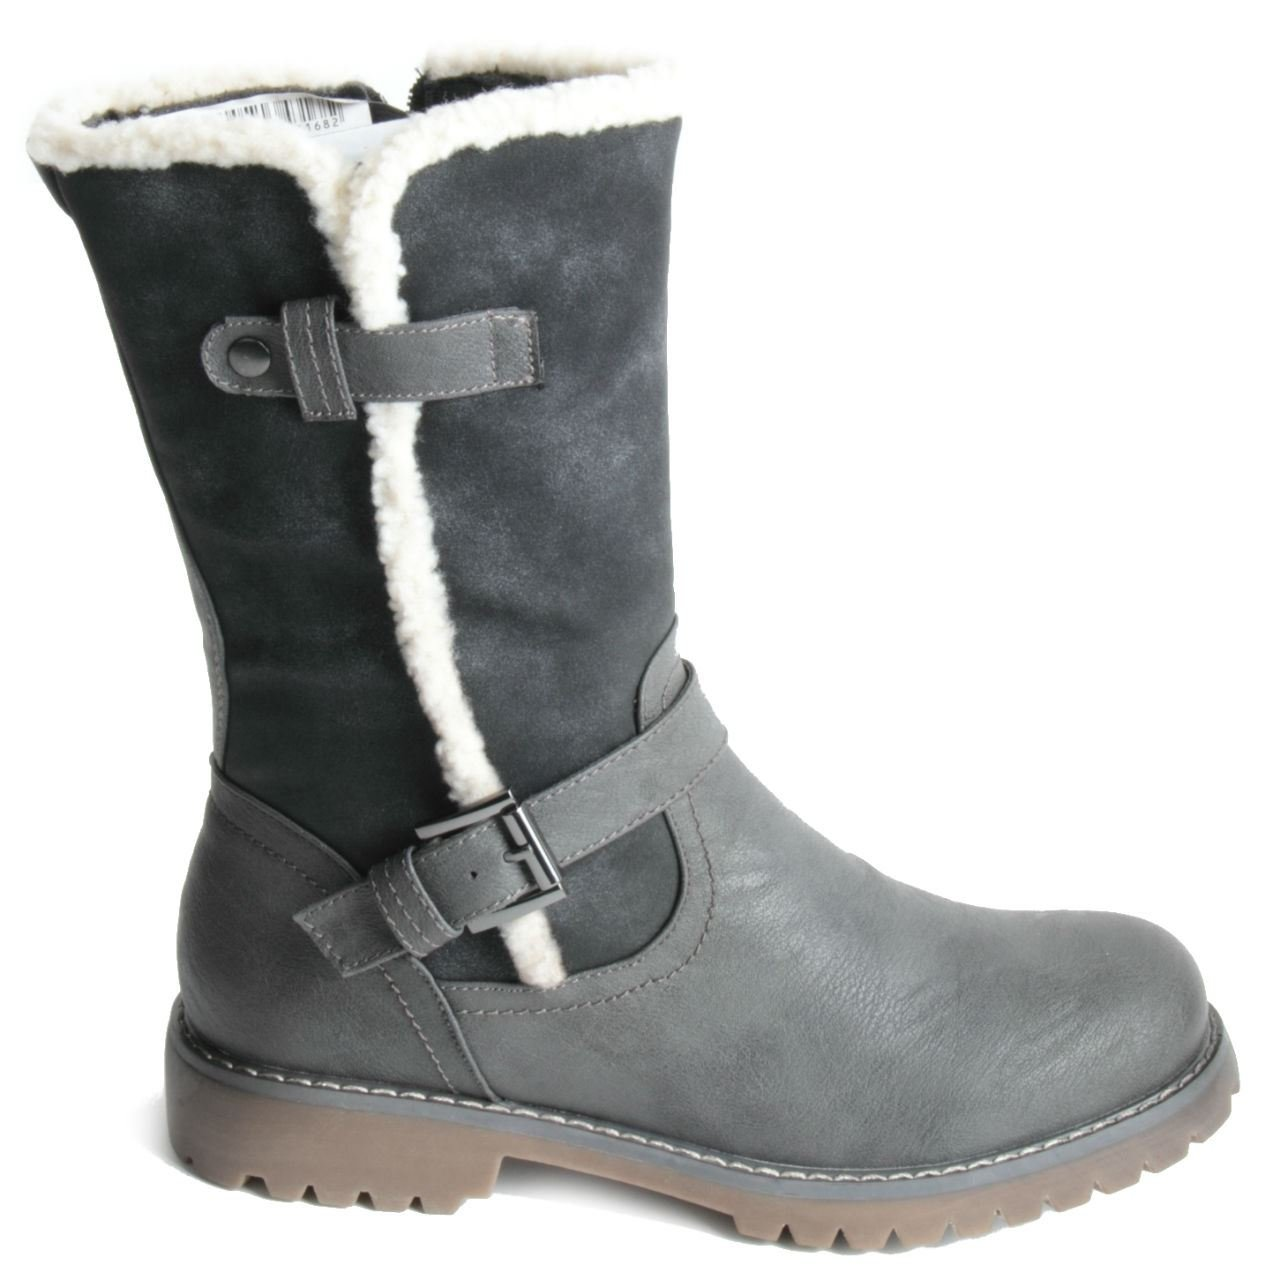 Damen Damen niedrigen Ferse Zip bis warme Wadenhohe Stiefel Isolierte Winter Schuhe Schwarz - schwarz - Größe  35.5